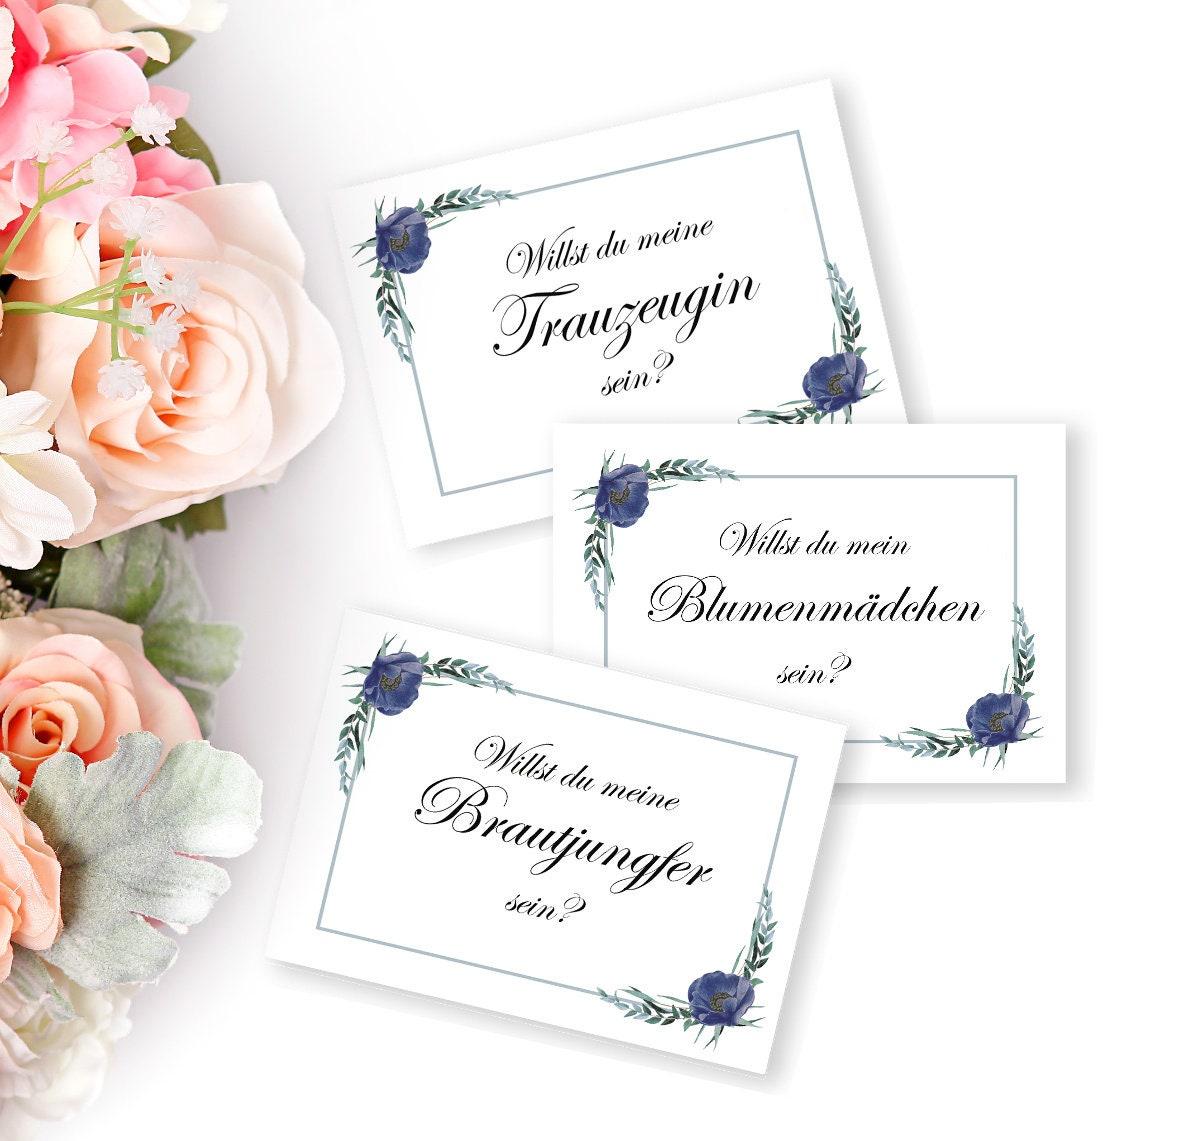 Hochzeitskarten Set, Vorschlag Trauzeugin, Brautjungfer, Blumenmädchen,  Digital Download, Einladung Hochzeit, Druckbare Einladung, DIY